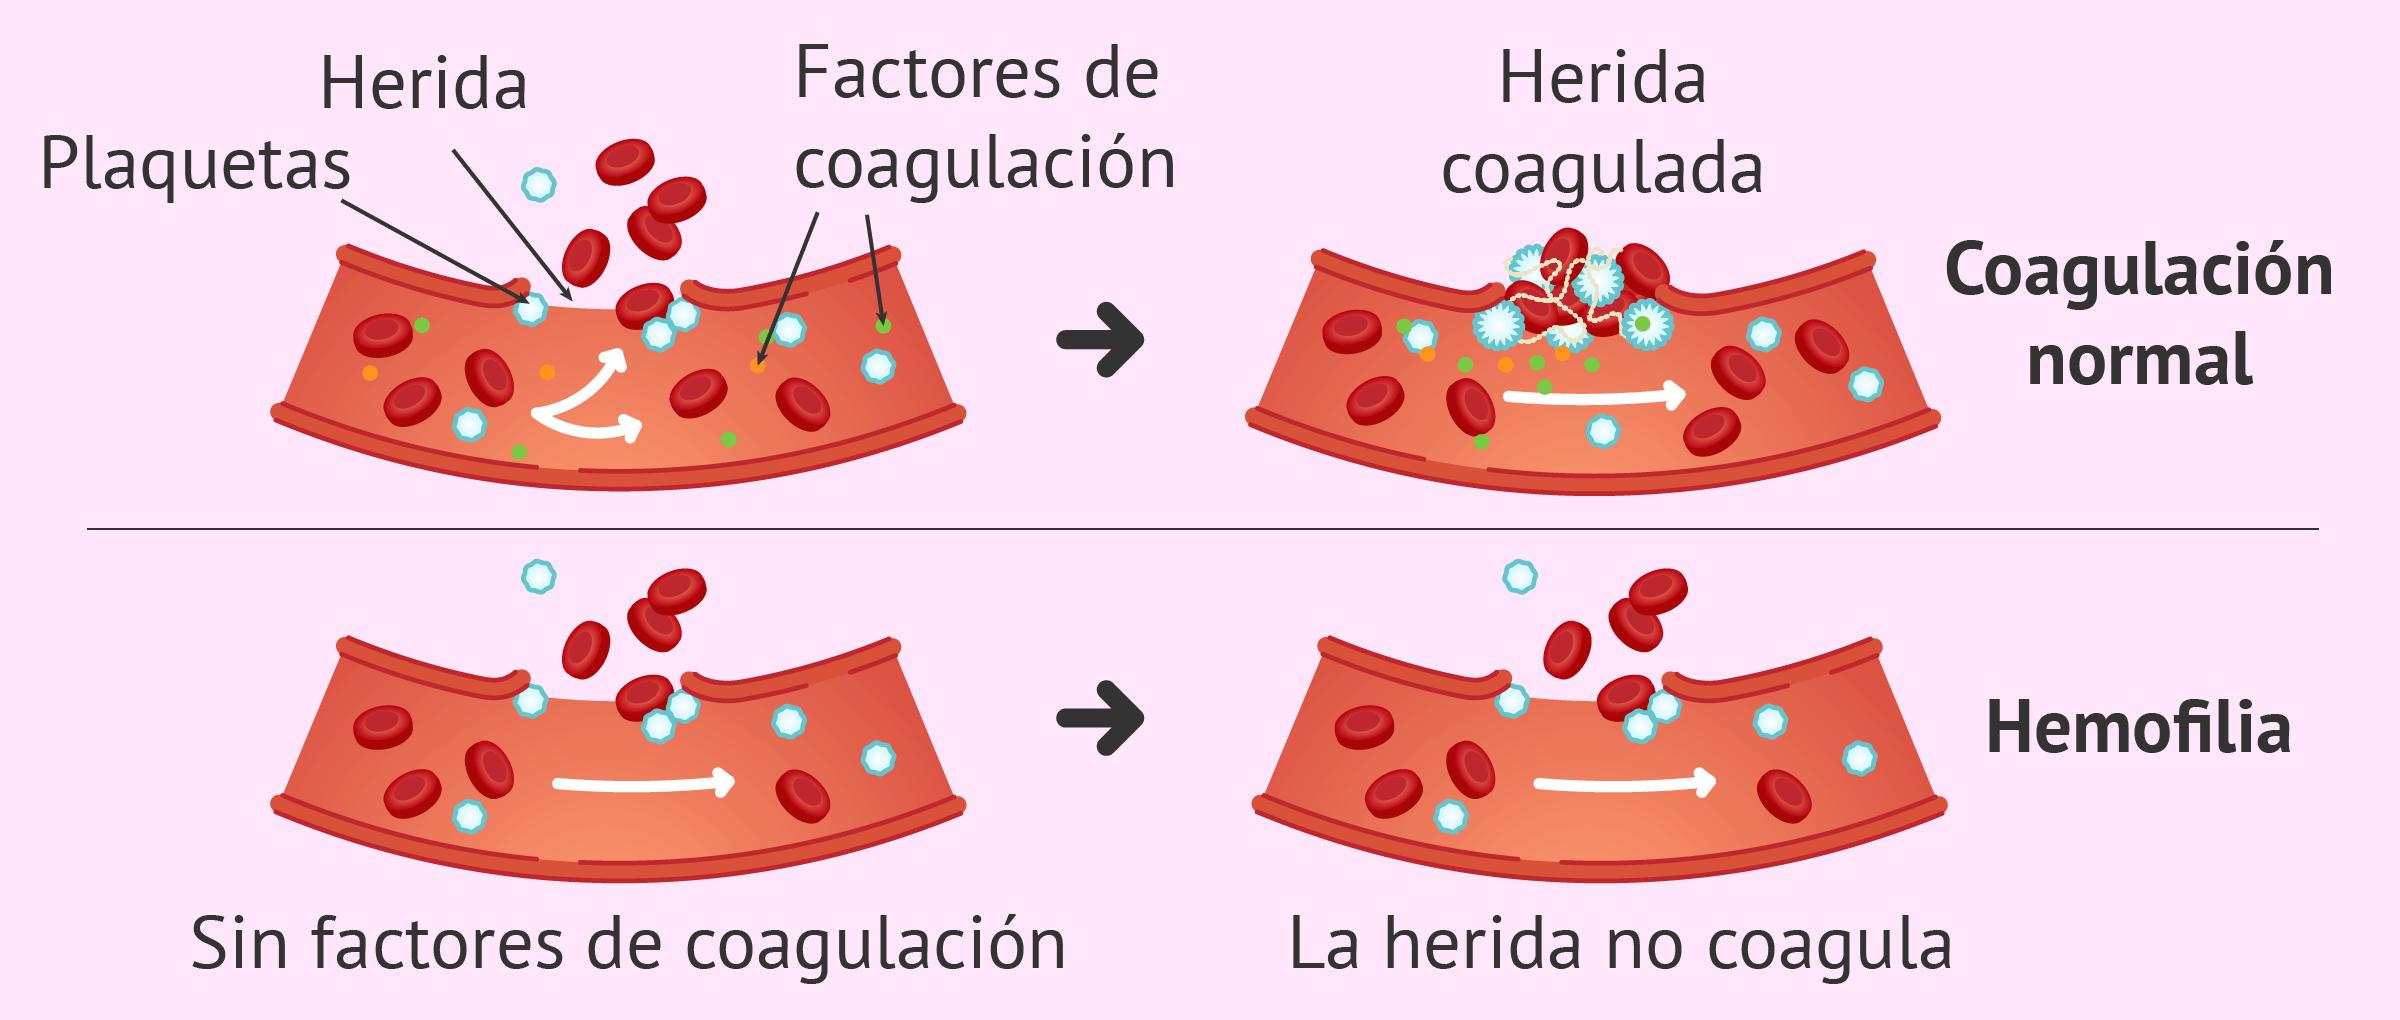 que es la hemostasia uterina